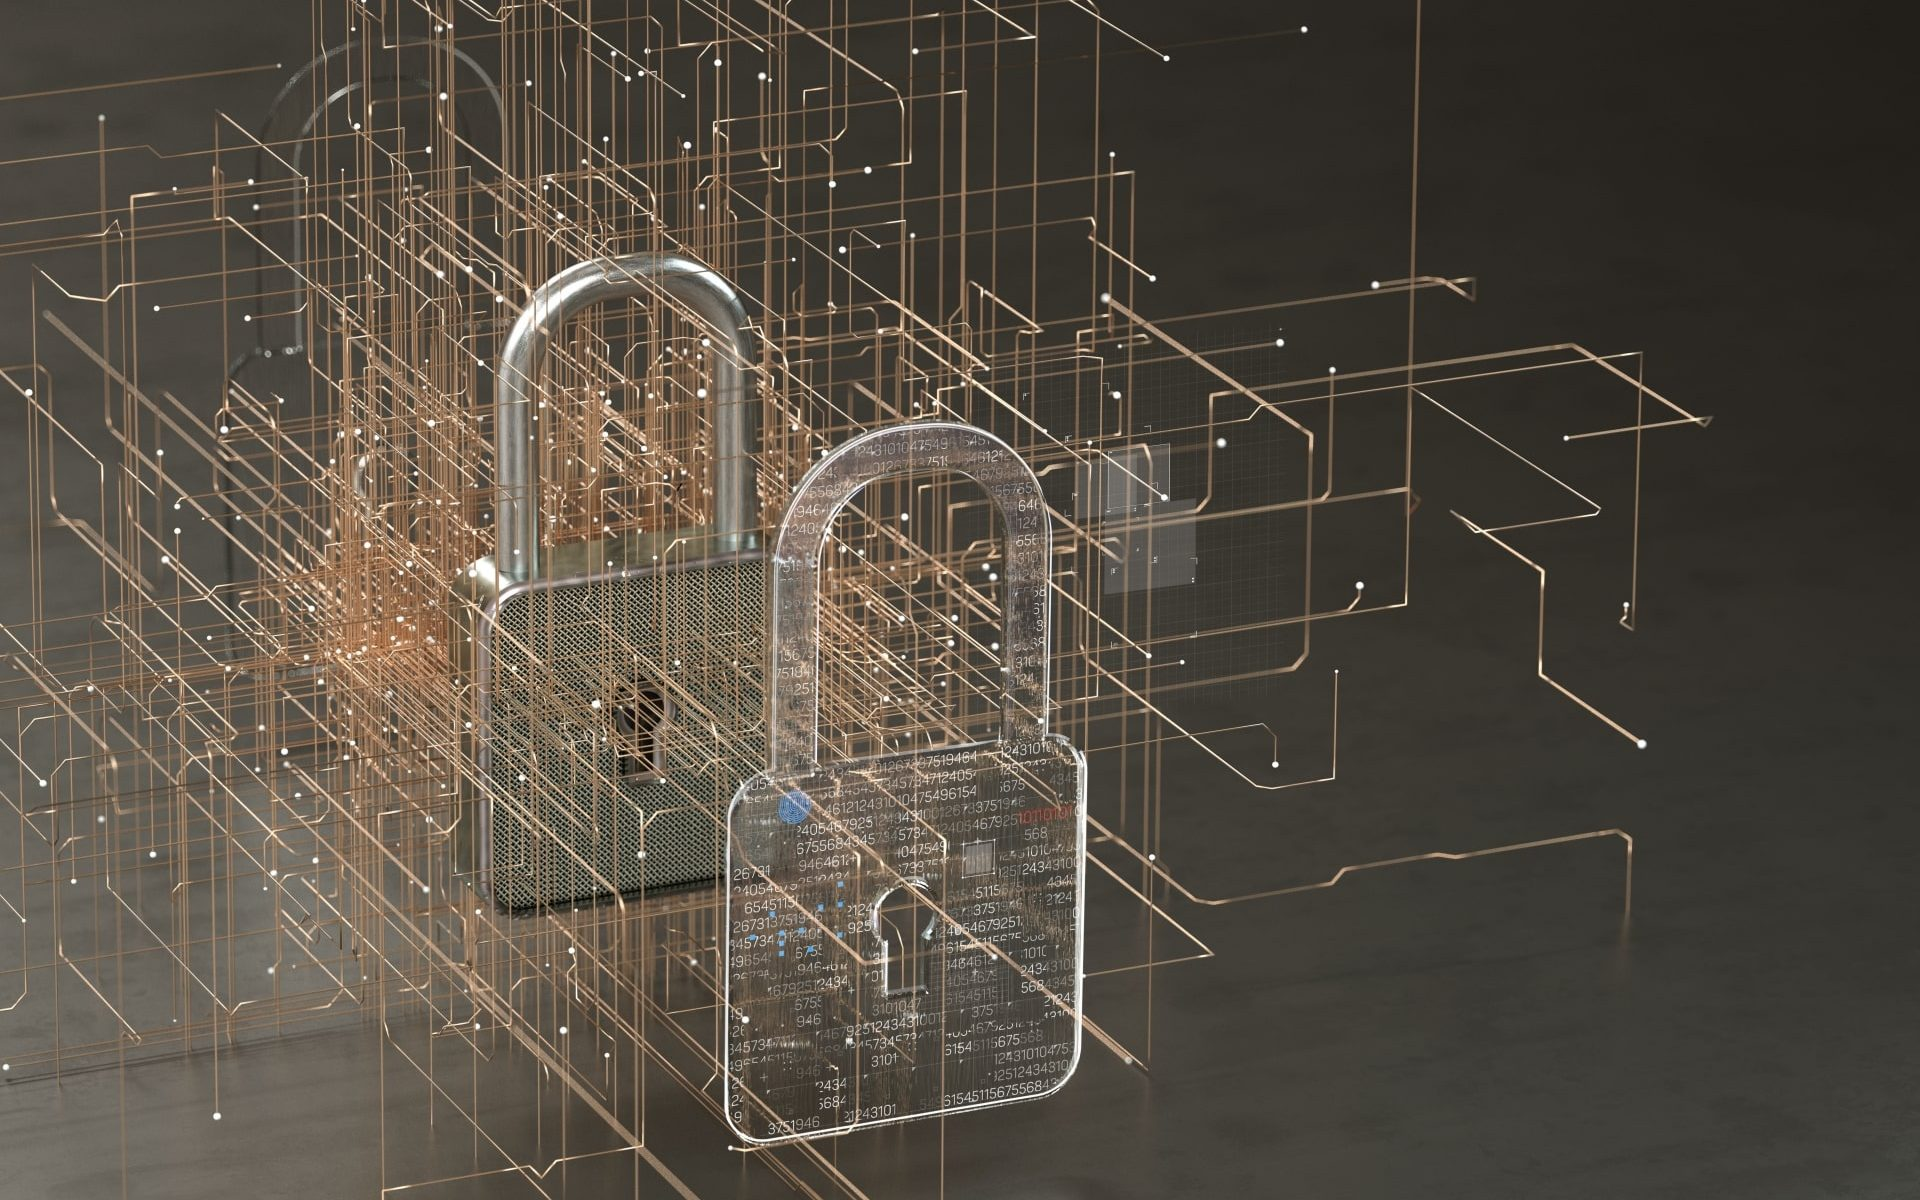 サイバー攻撃やサイバーセキュリティについて